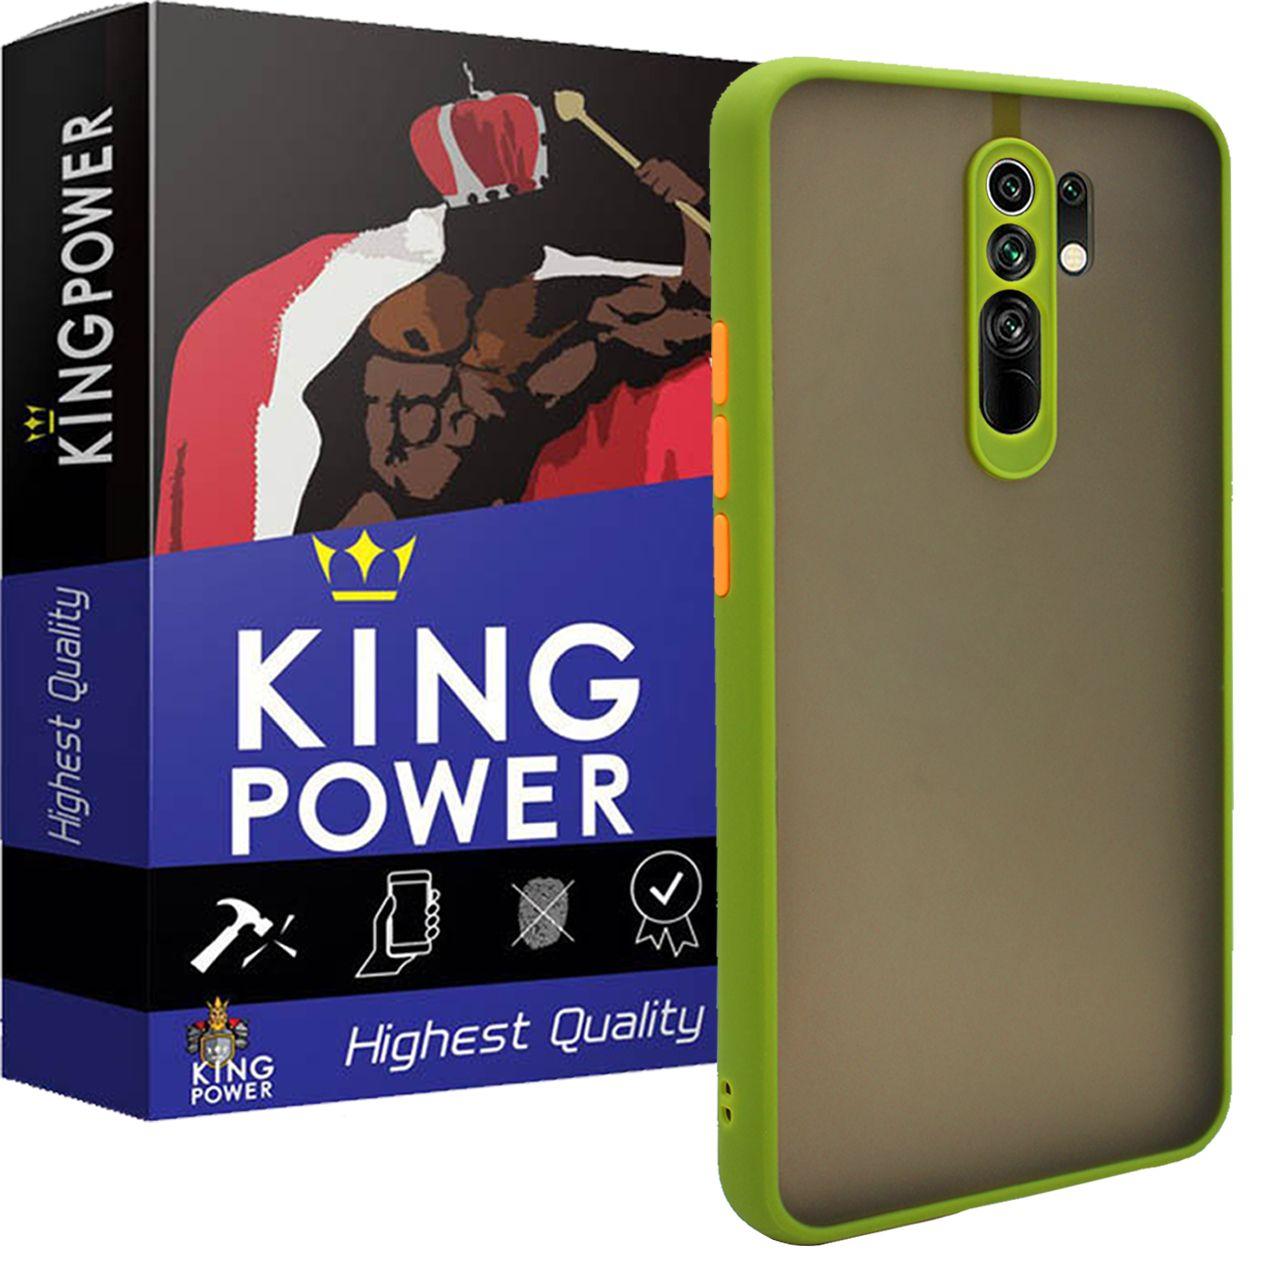 کاور کینگ پاور مدل M22 مناسب برای گوشی موبایل شیائومی Redmi 9 / Redmi 9 Prime